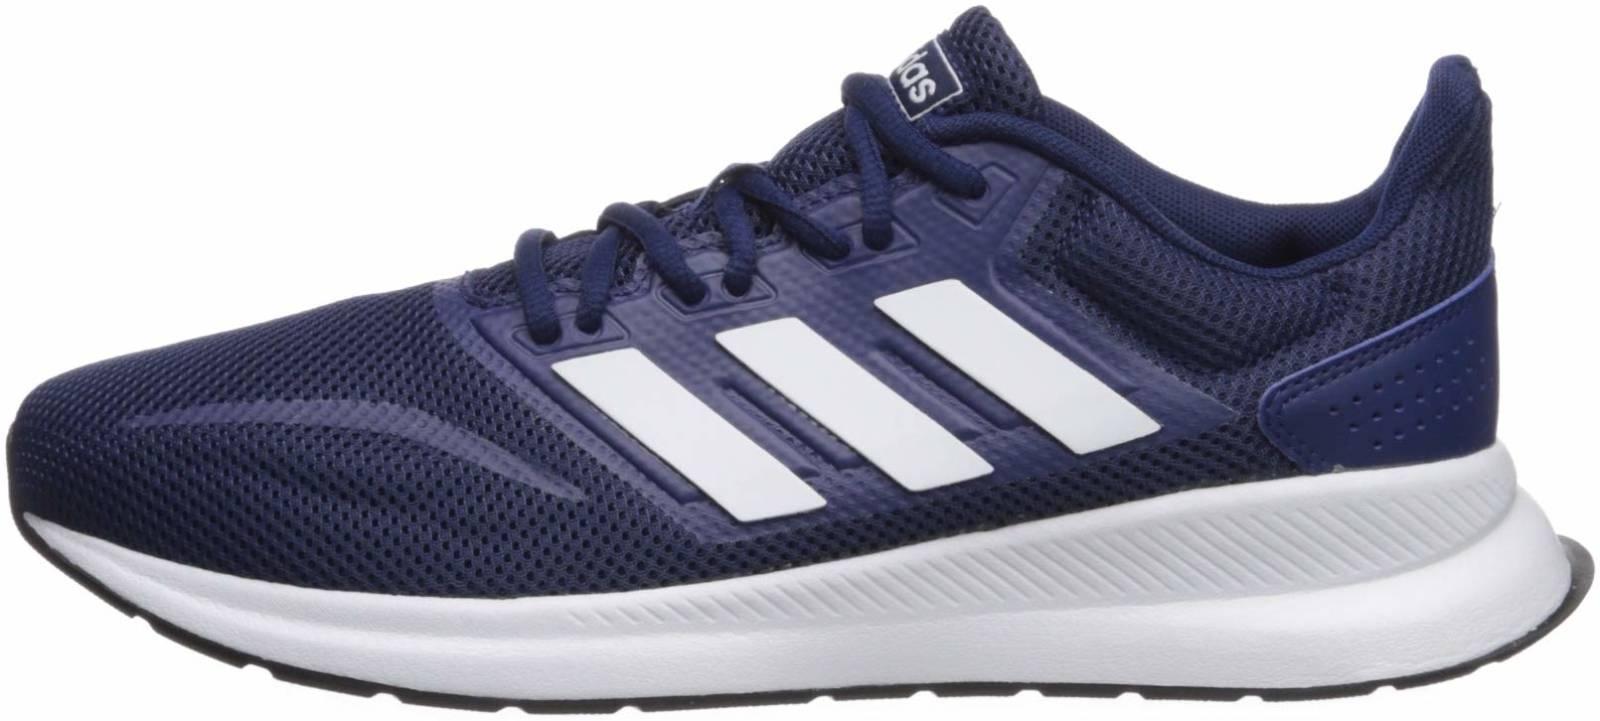 después del colegio tablero flojo  Only £27 + Review of Adidas Runfalcon | RunRepeat